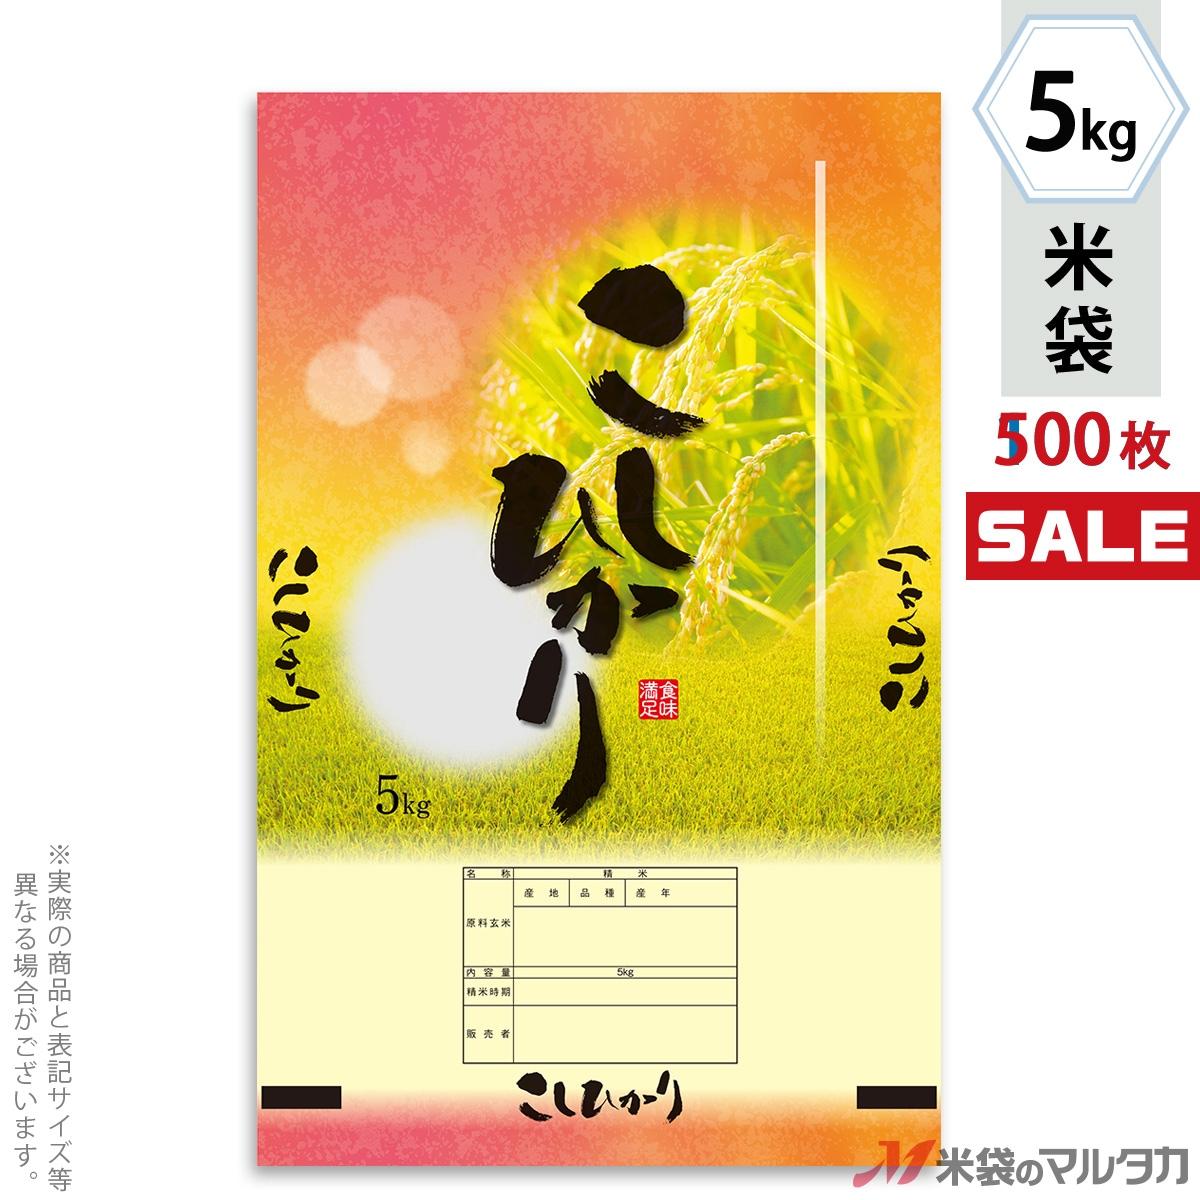 <!半額!> 米袋 ポリポリ ネオブレス こしひかり 初穂 5kg用 1ケース(500枚入) MP-5530